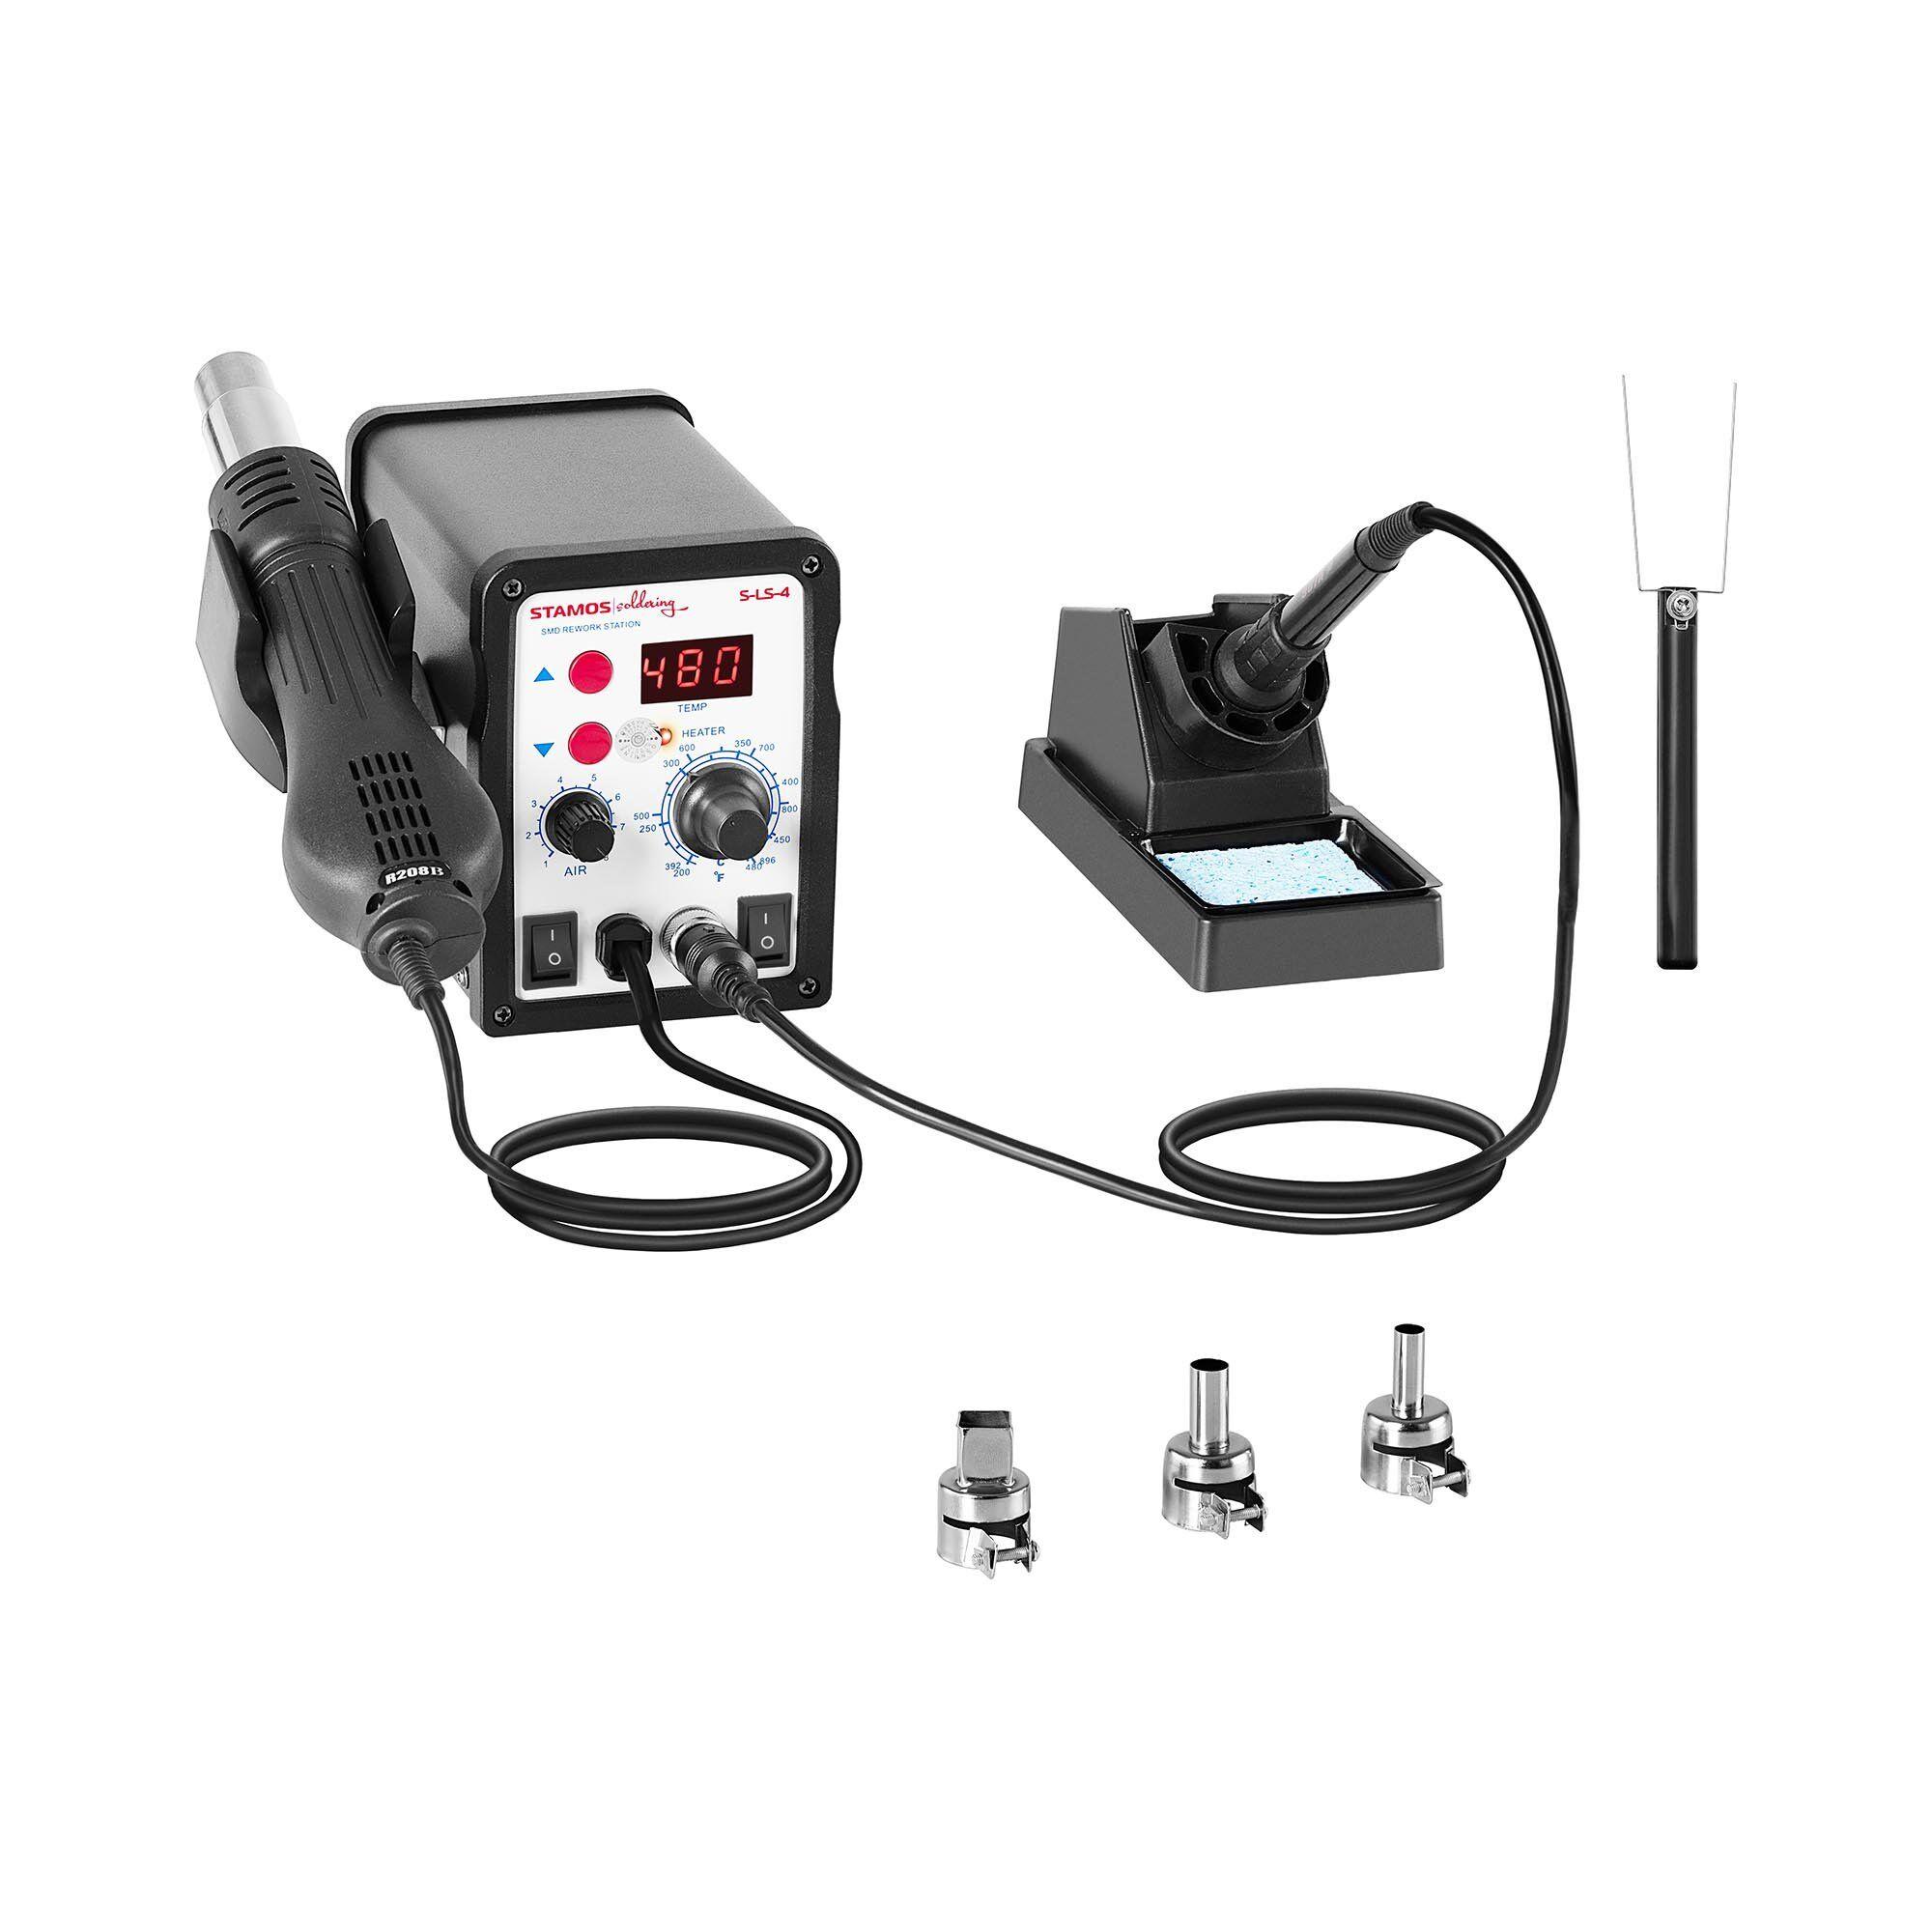 Stamos Soldering Station de soudage numérique - 60 watts - Écran LED - Basic S-LS-4 BASIC